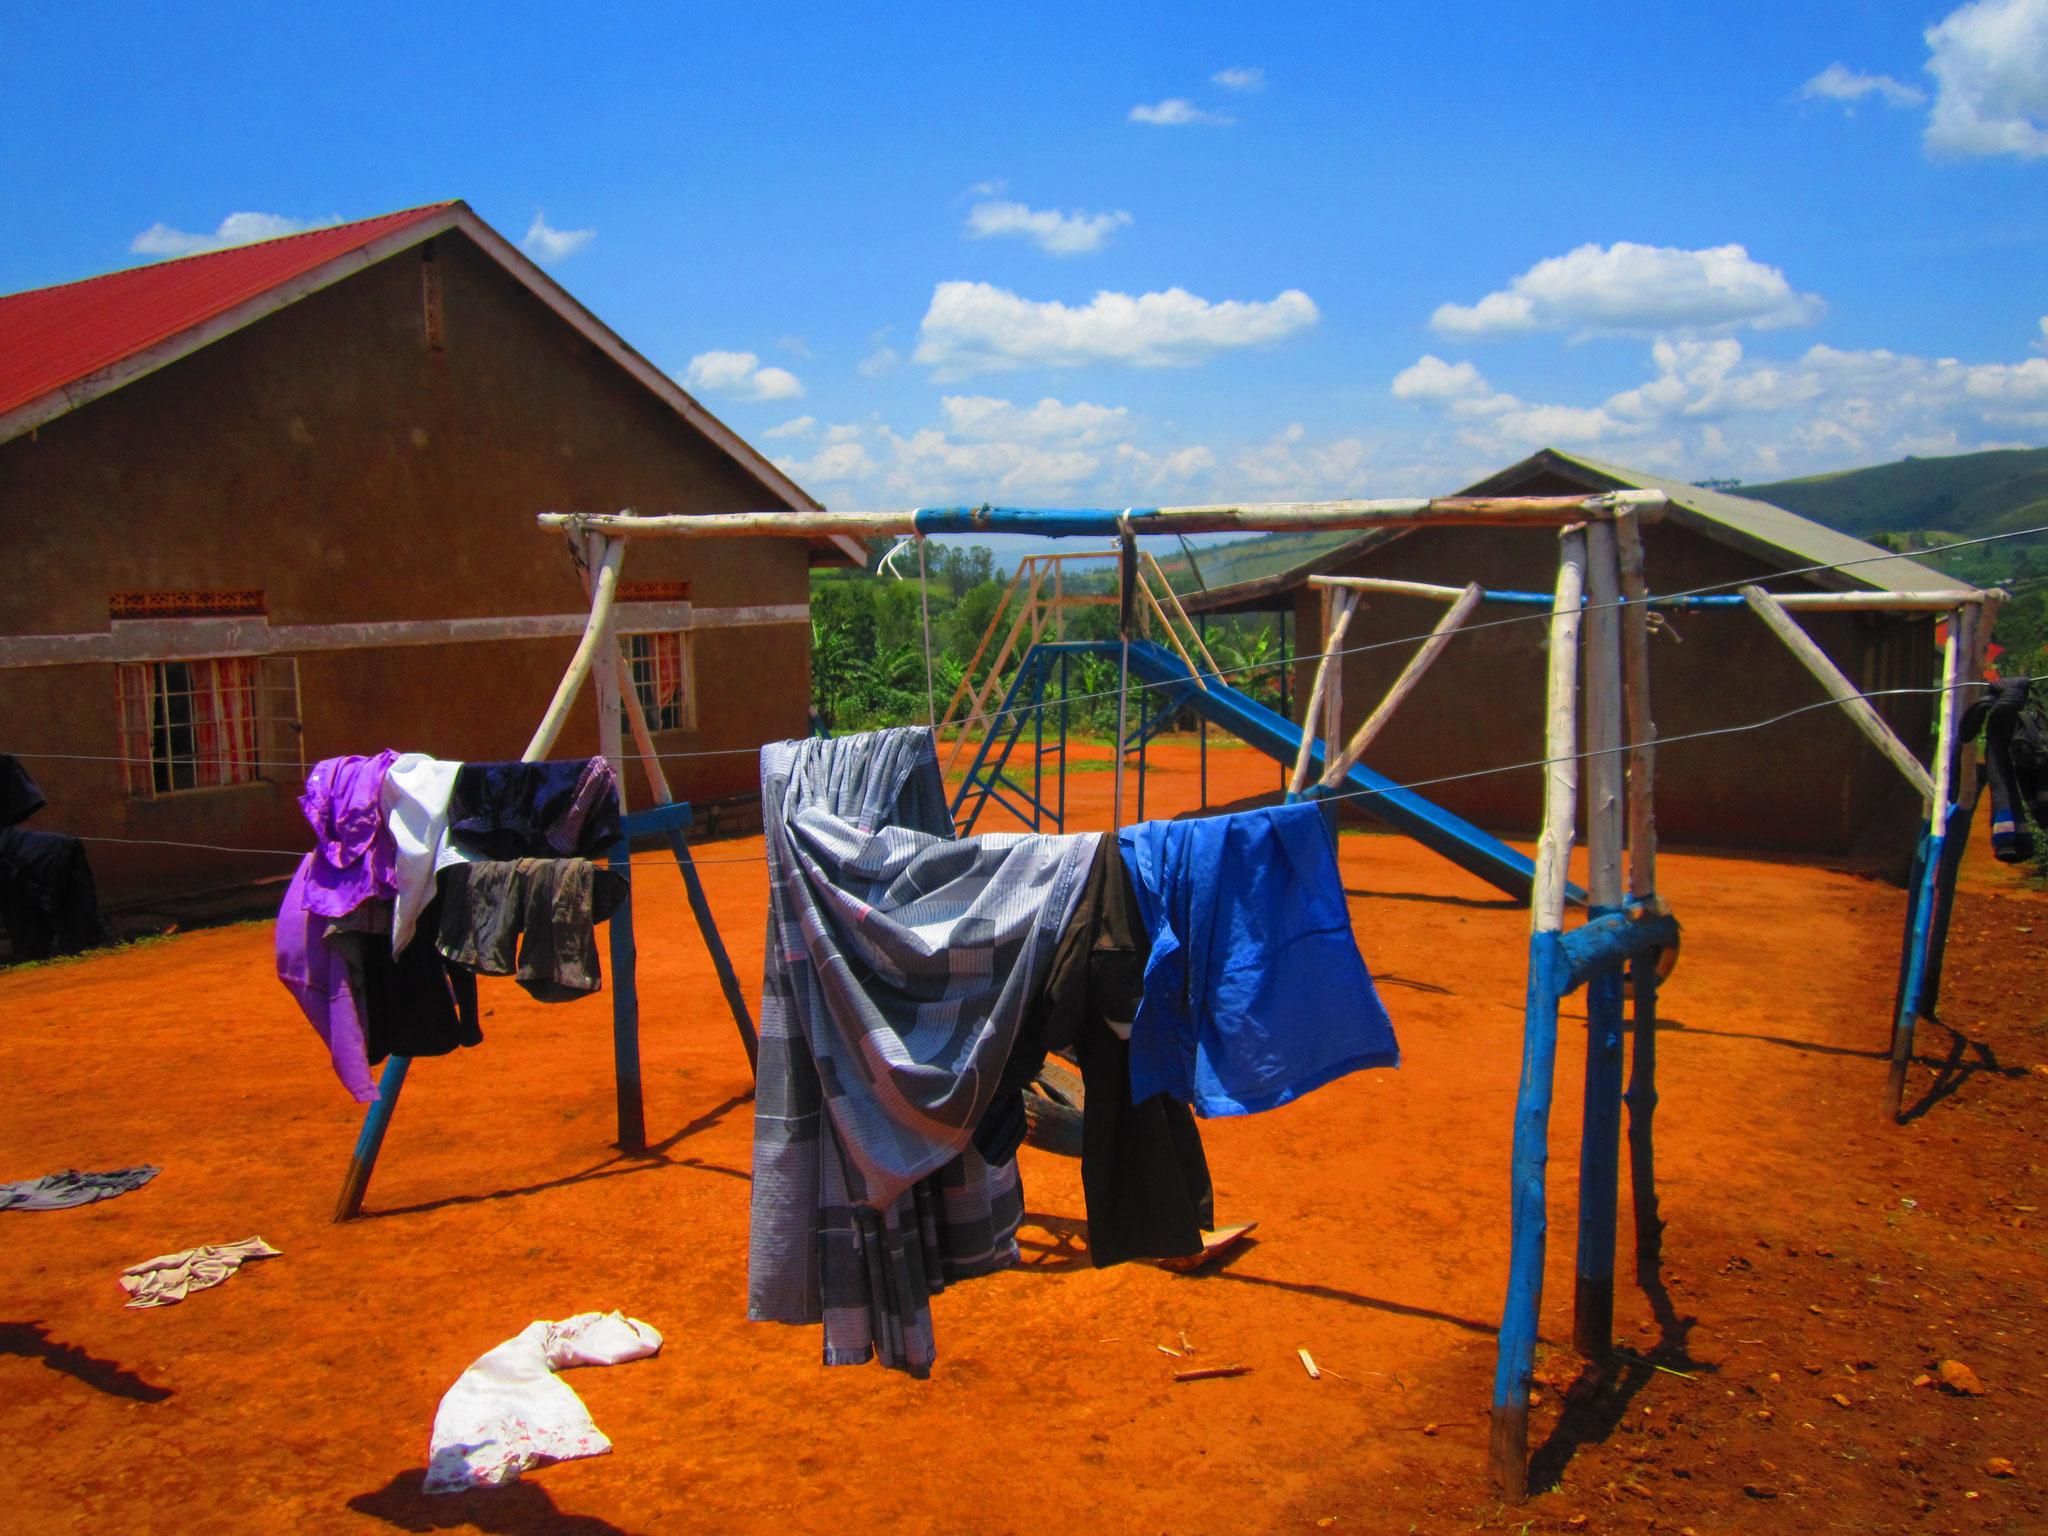 Spielplatz - Wäscheständer